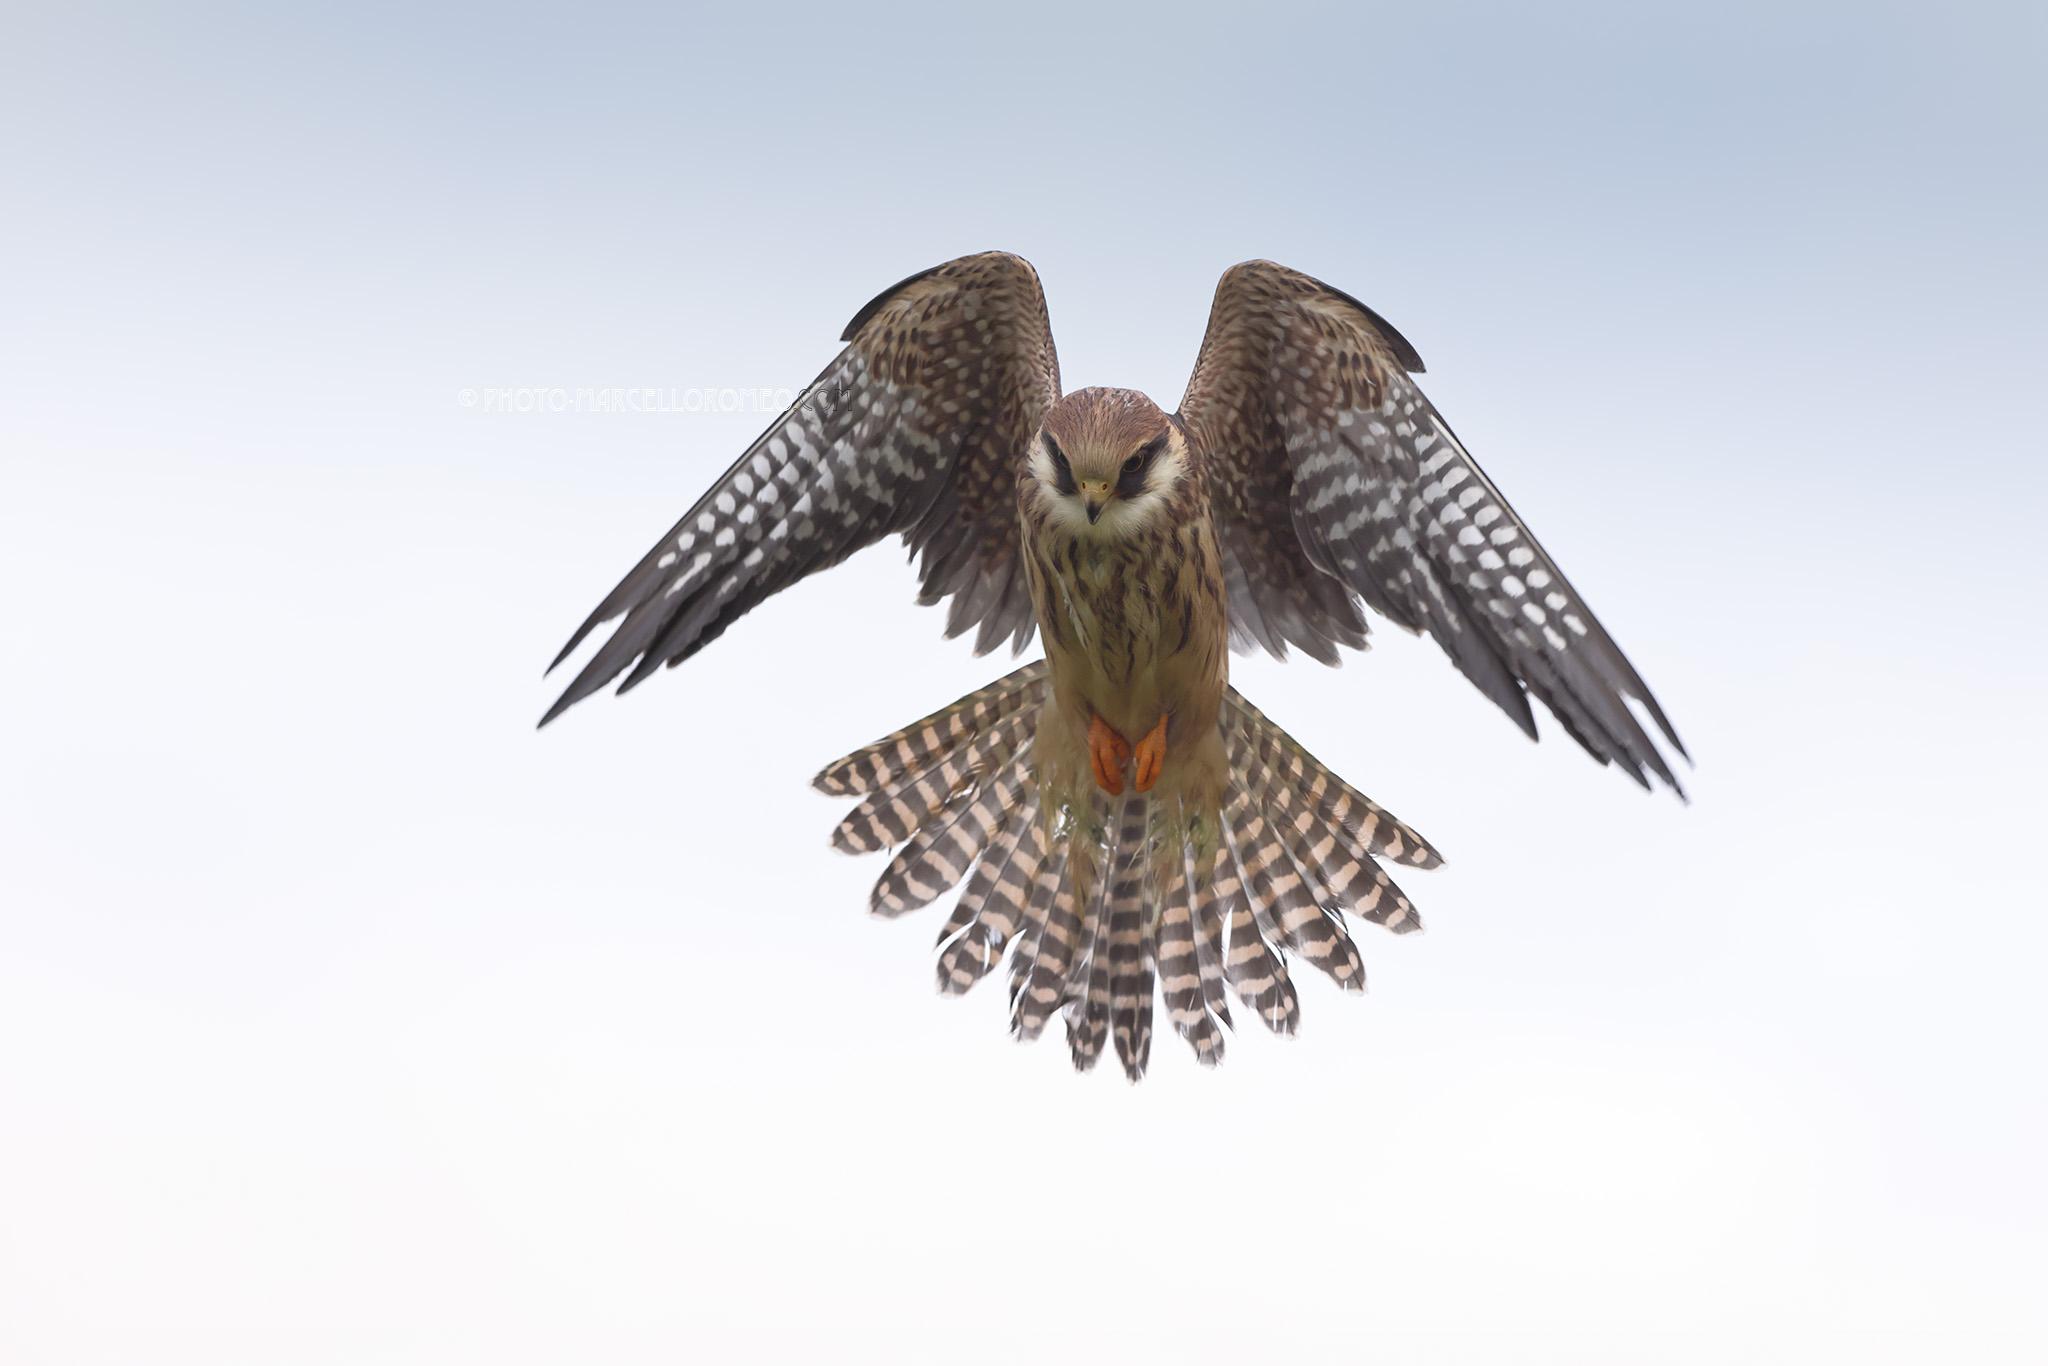 Roodpootvalk; Red-footed Falcon; Falco Vespertinus